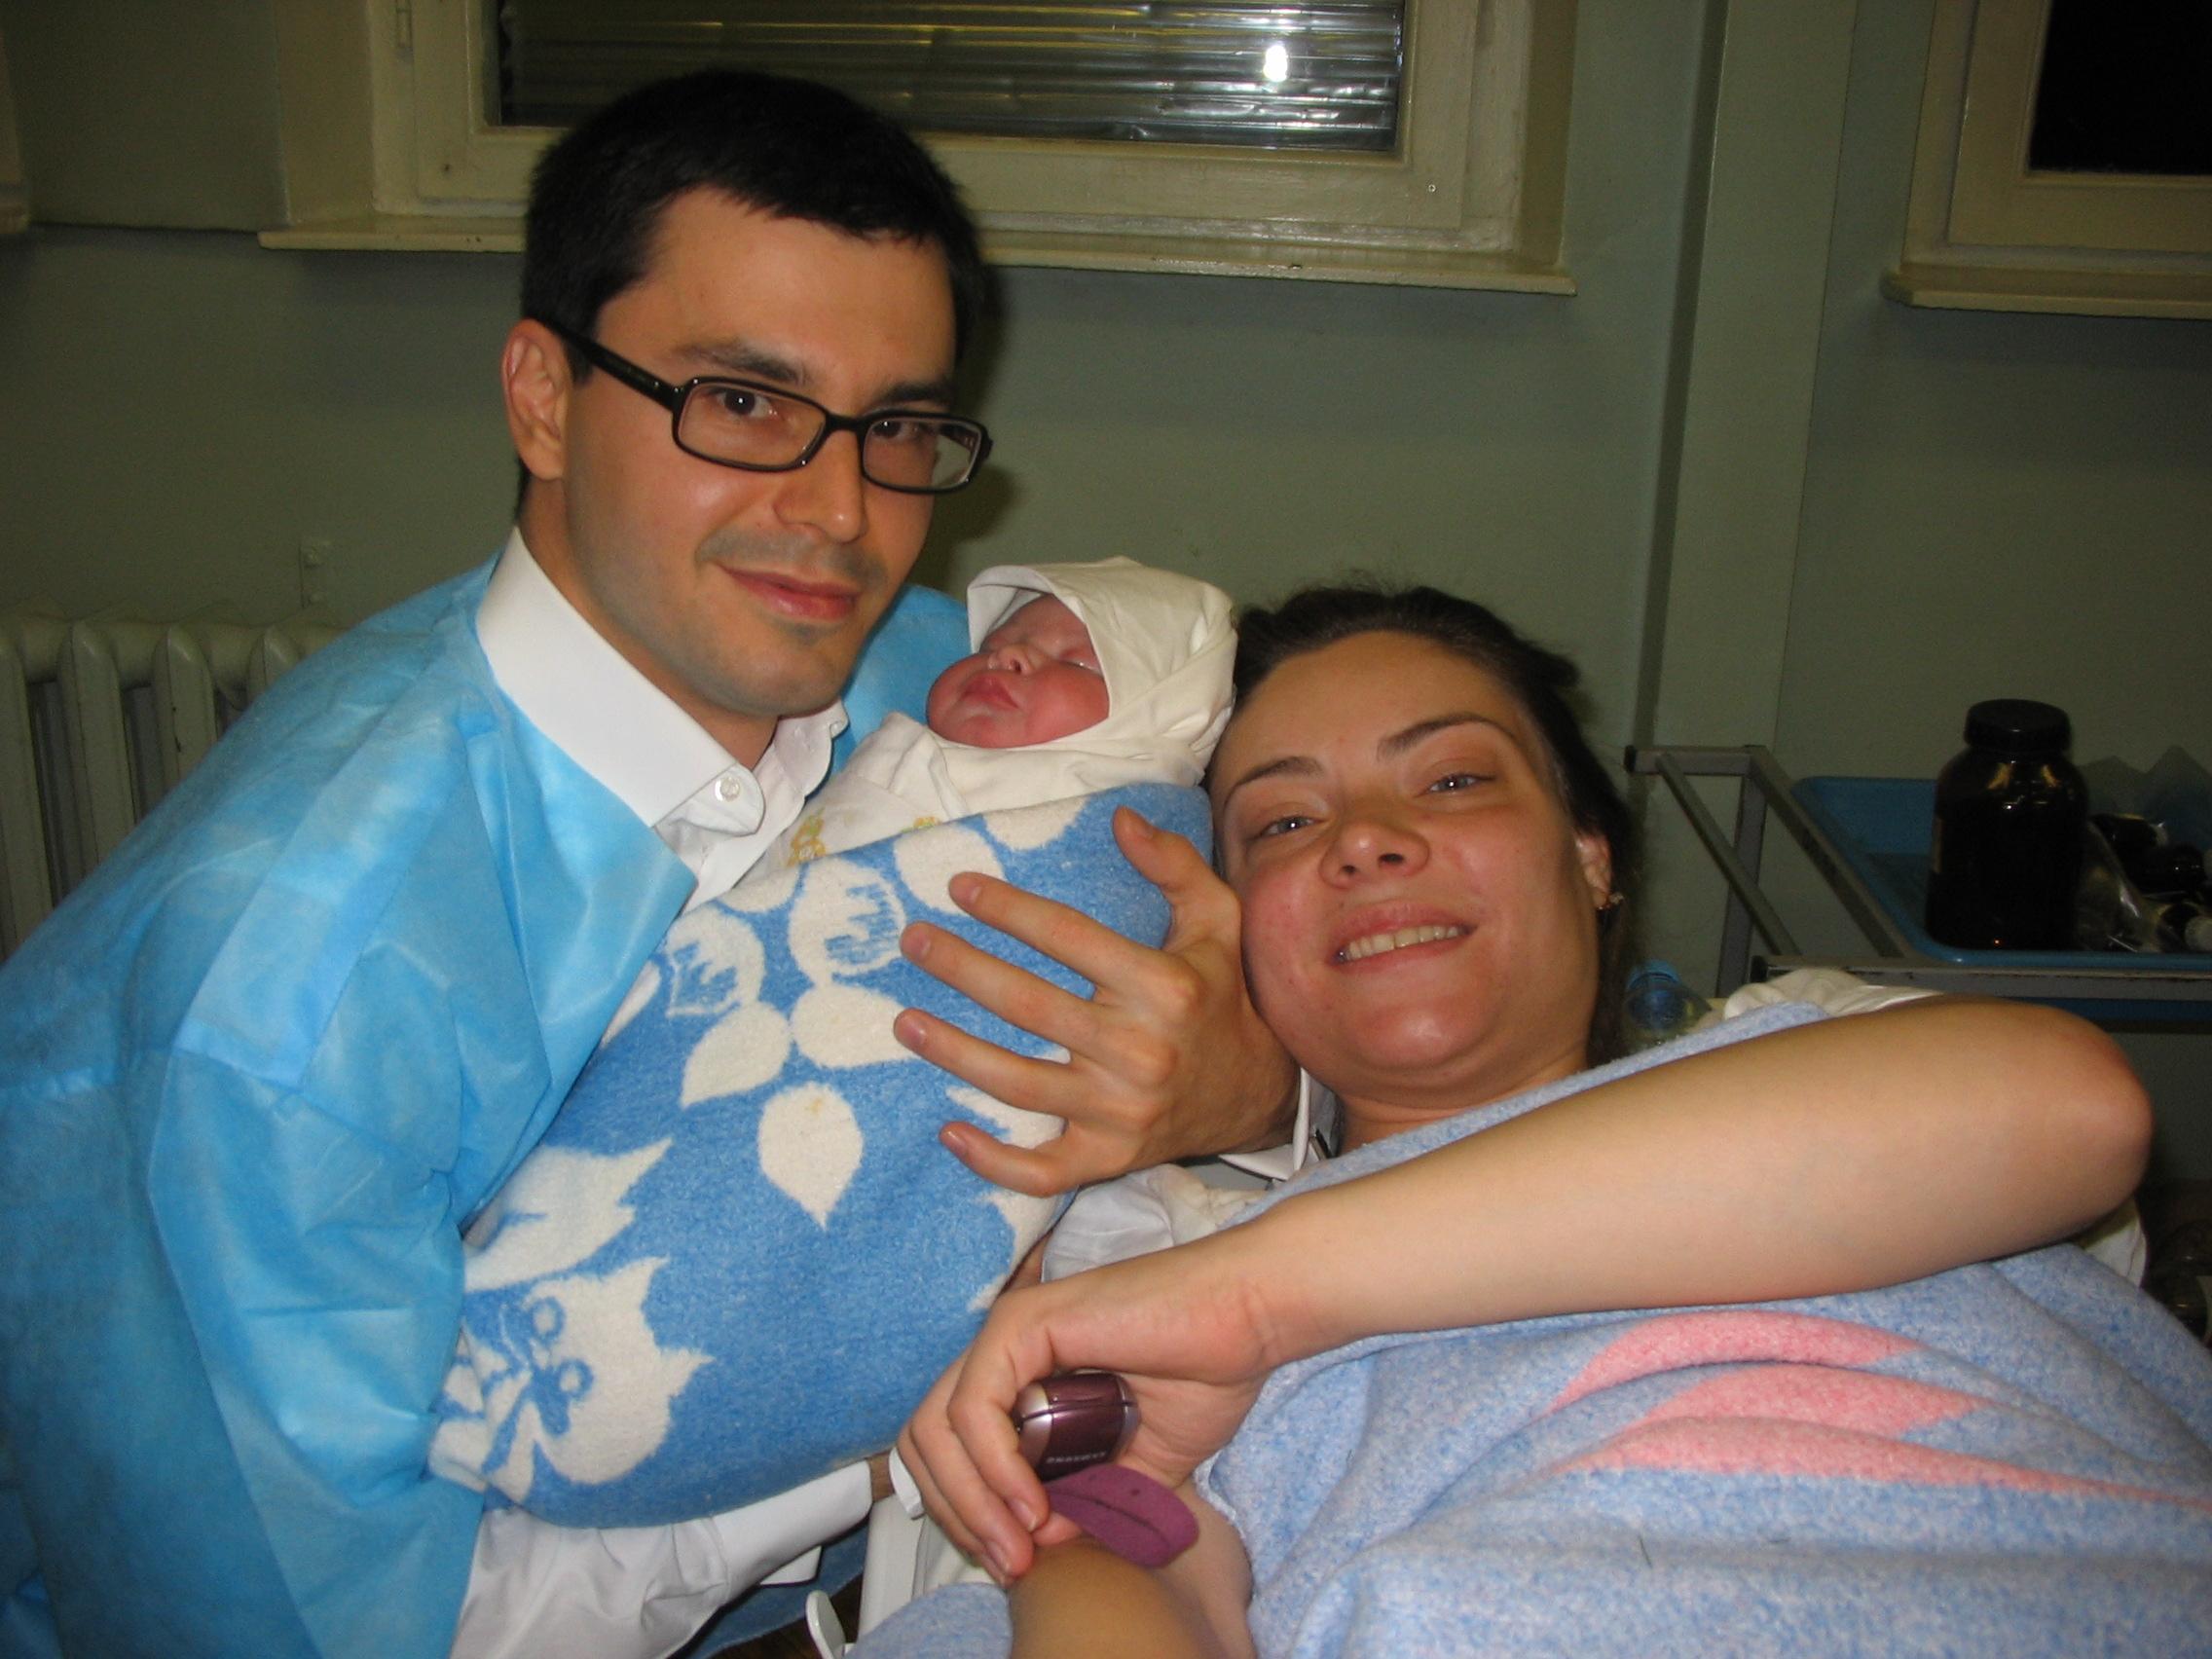 Вести. Ru: Мужчина выносил и родил здорового ребенка